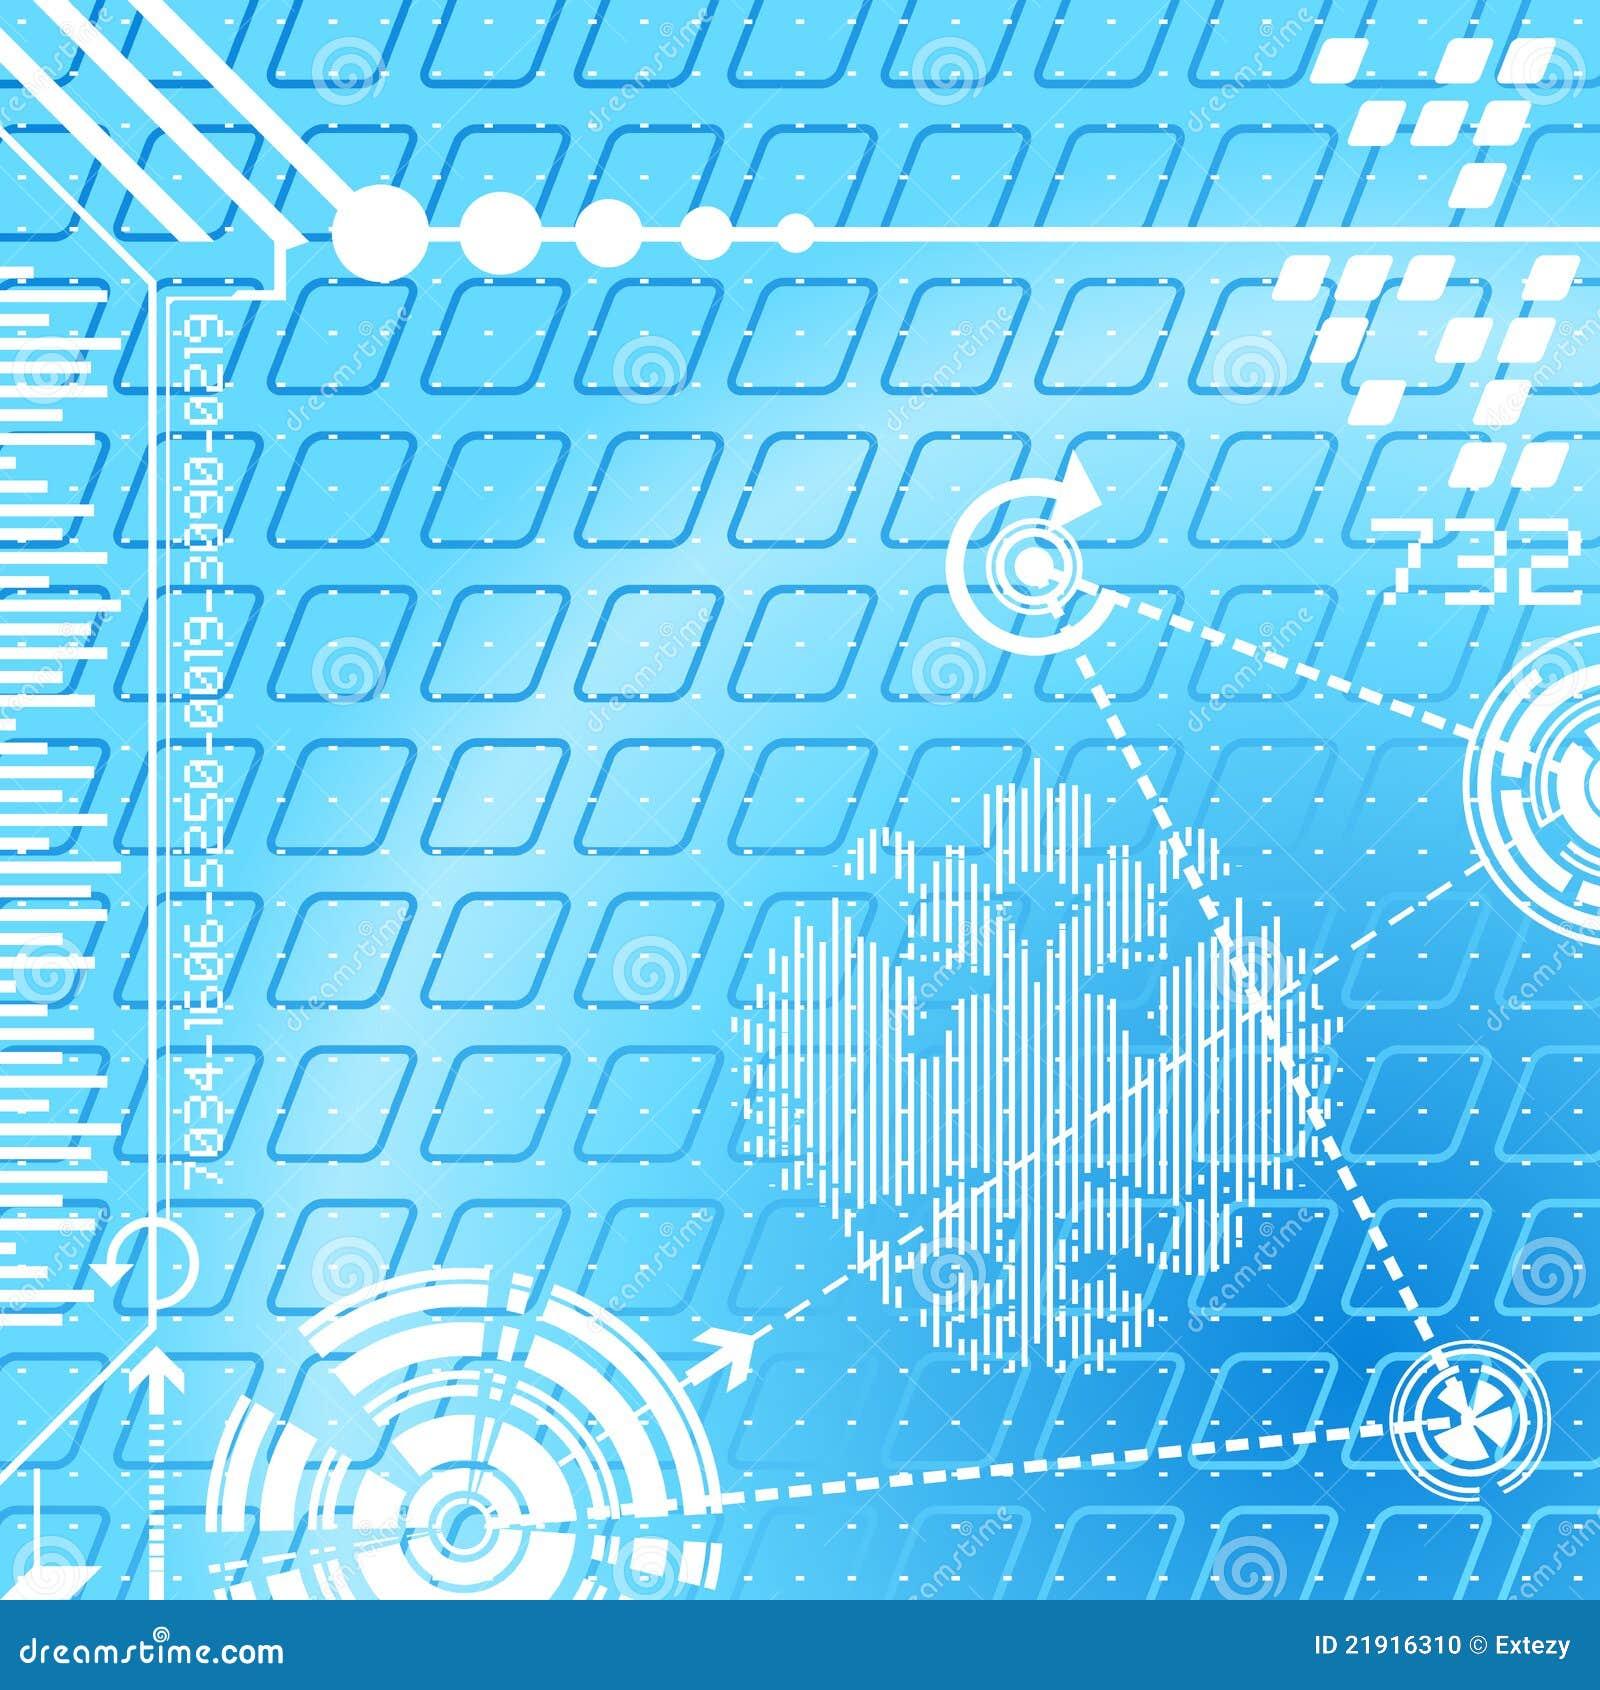 Símbolos digitales del fondo abstracto